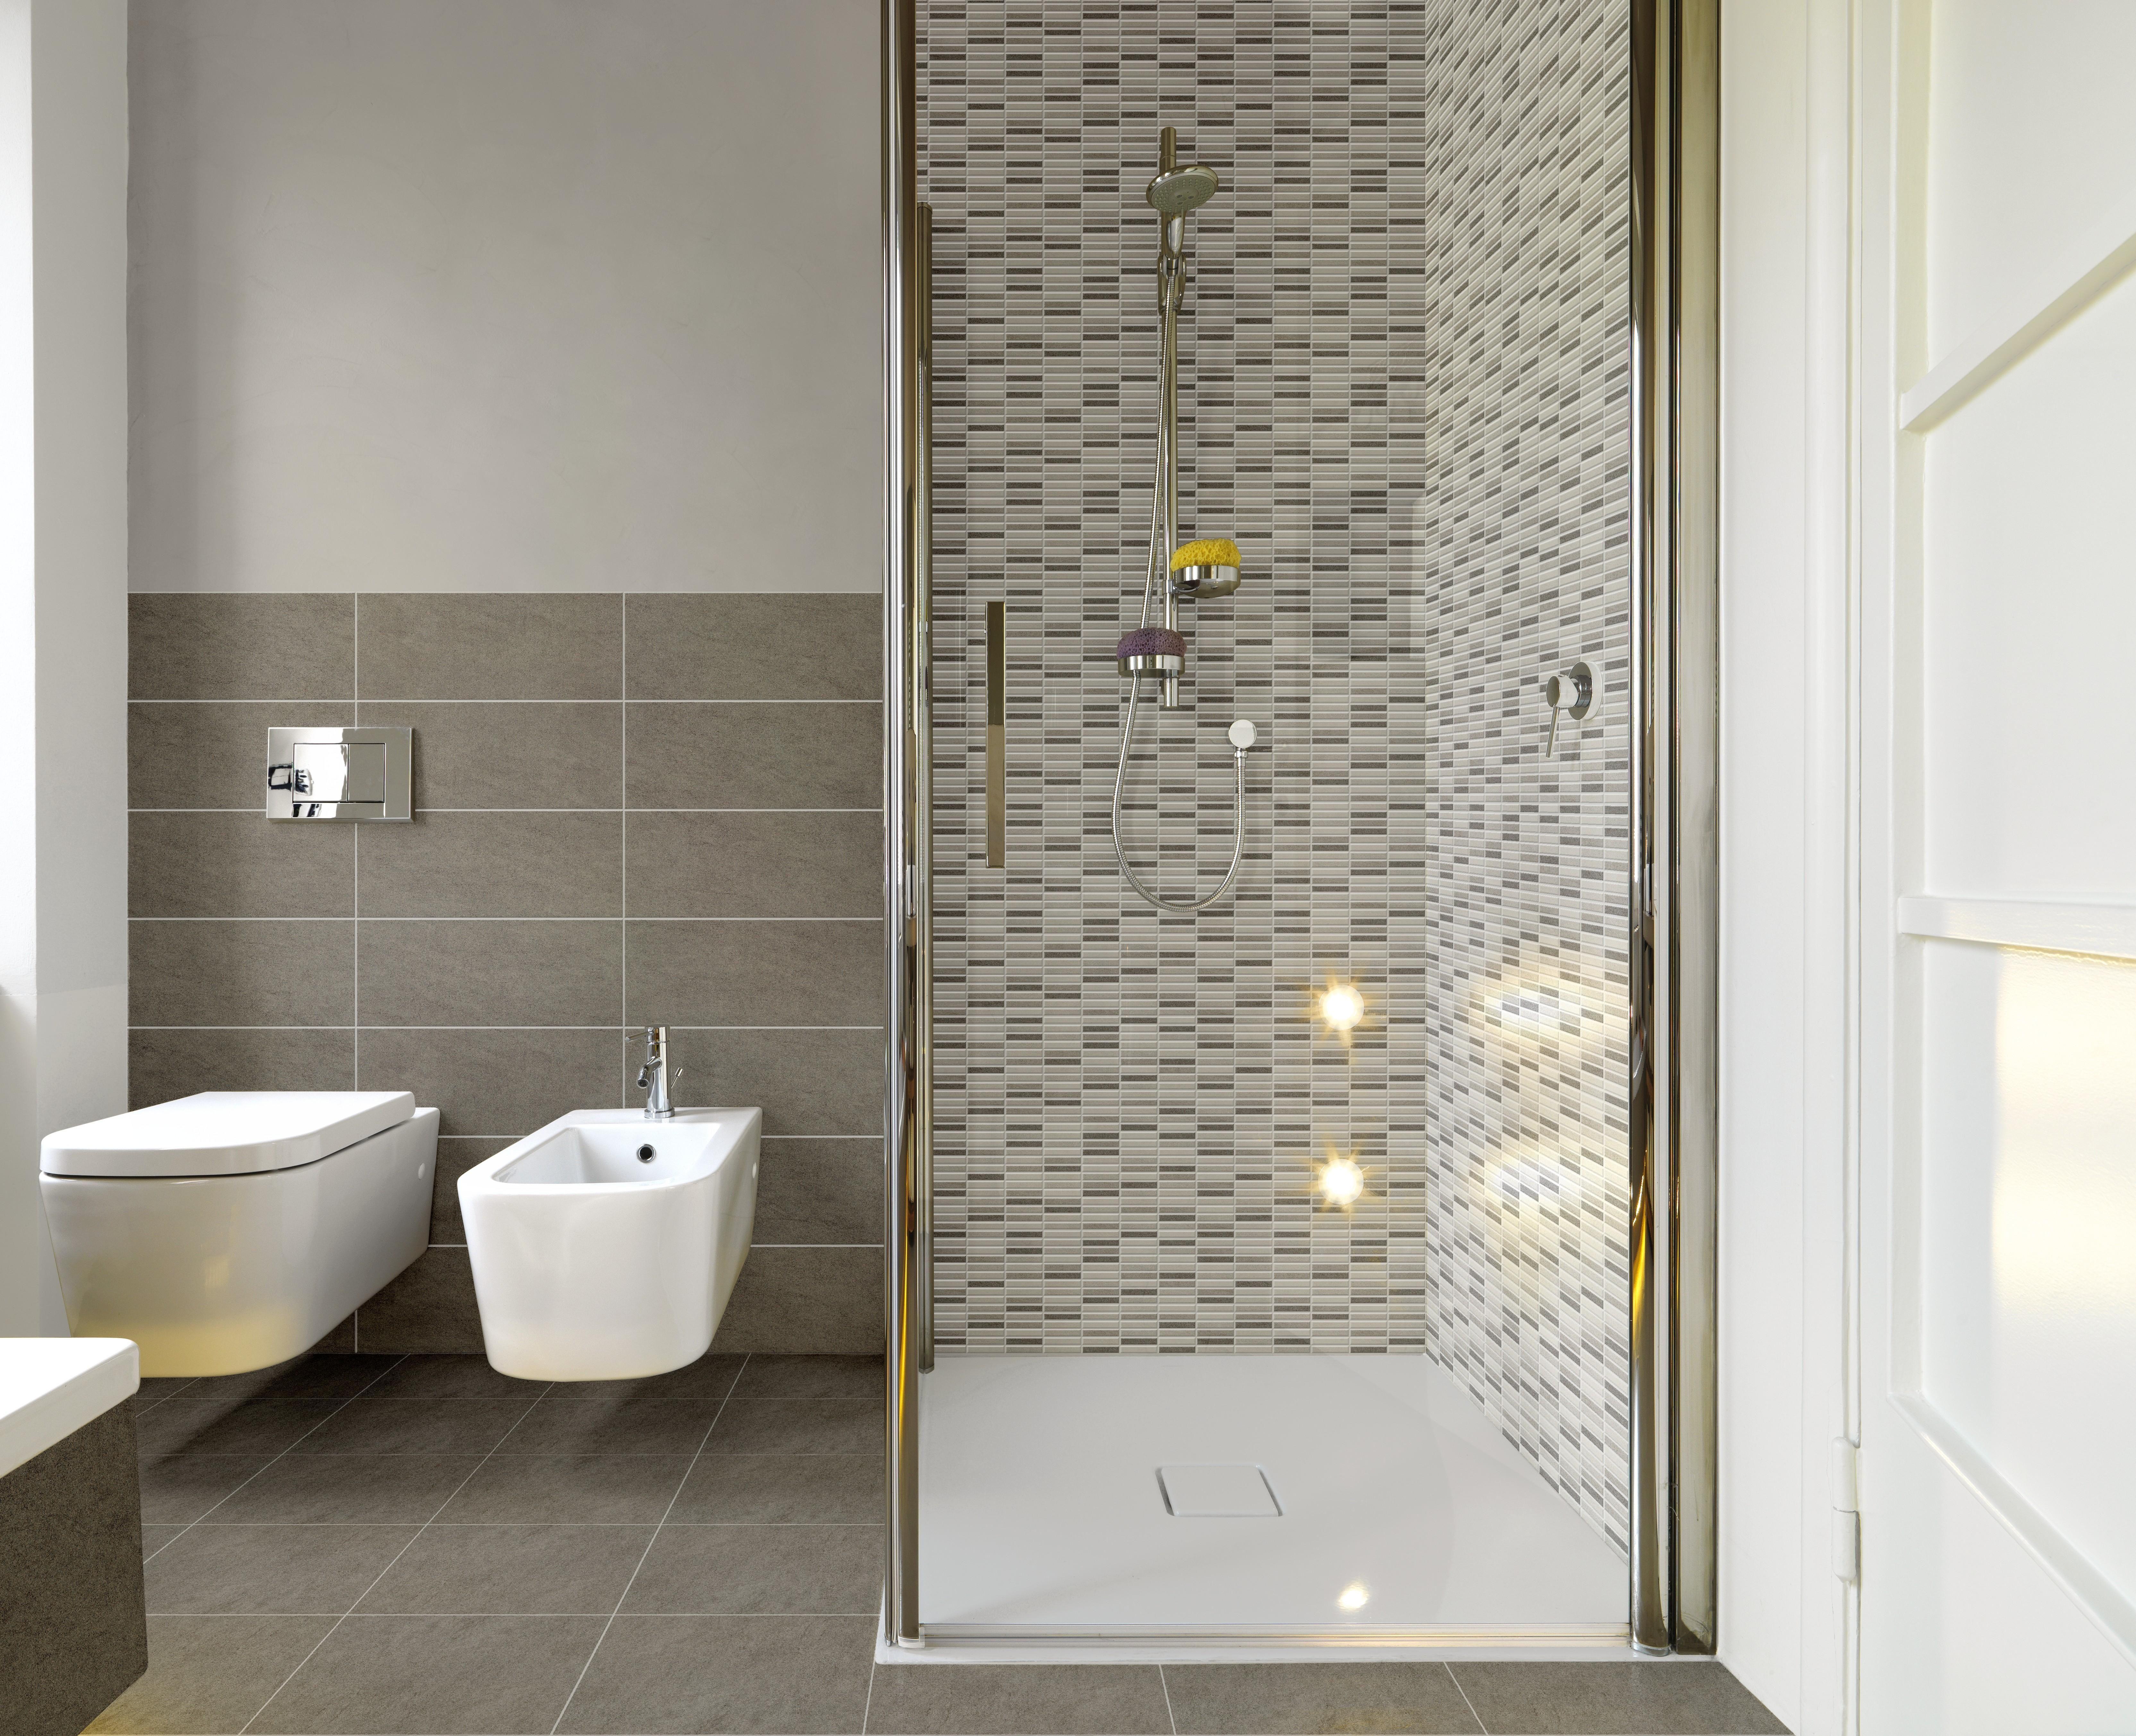 Rivestimemti bagno rivestimento bagno cross grigio perla 20x50x0 7 cm bicottura arredamento - Rivestimento bagno grigio ...